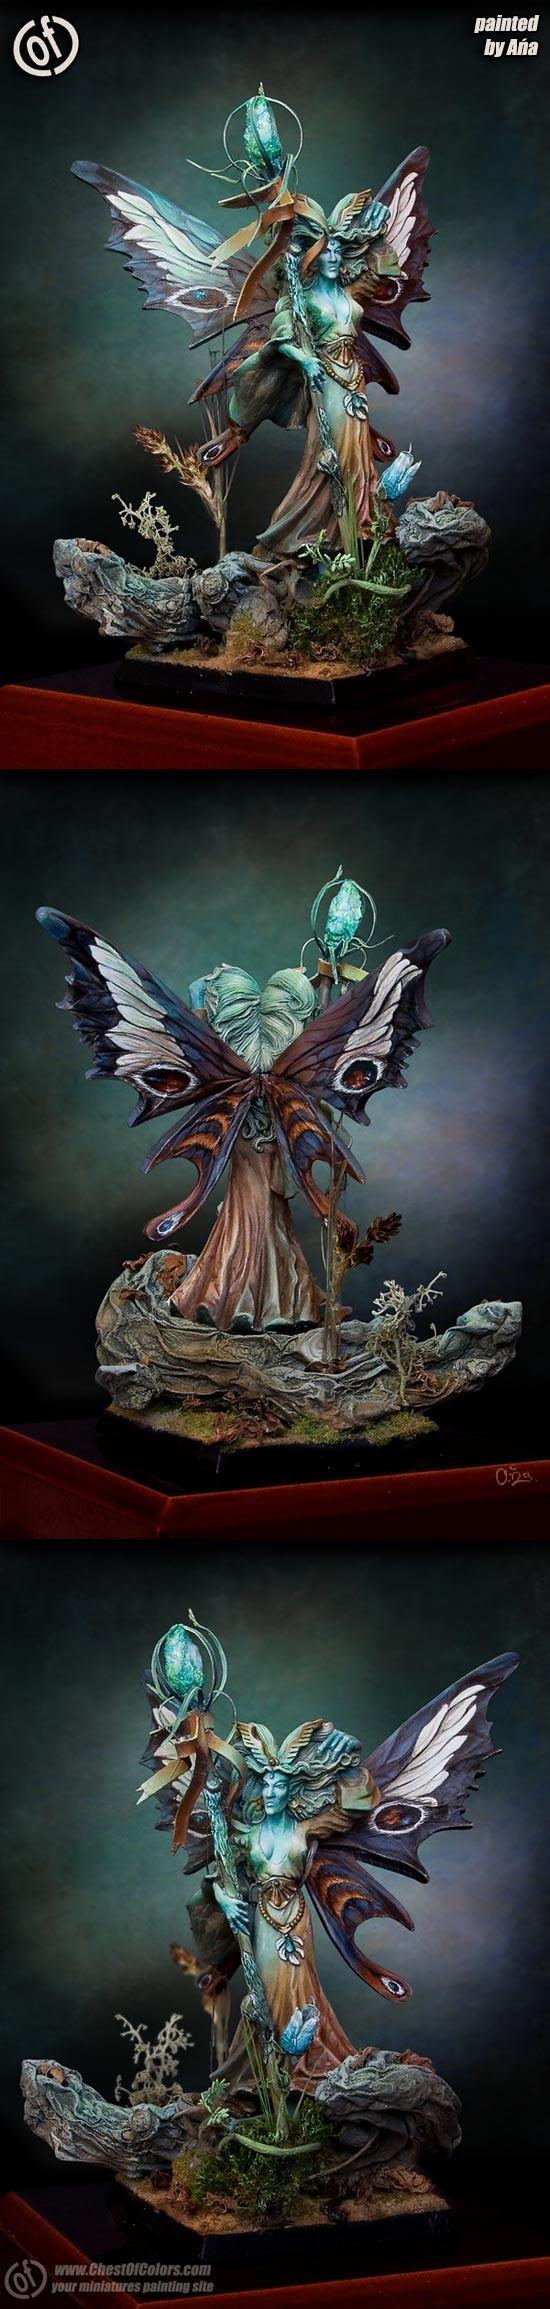 Images Golden Demon - Page 3 Ariel_the_wood_elf_queen